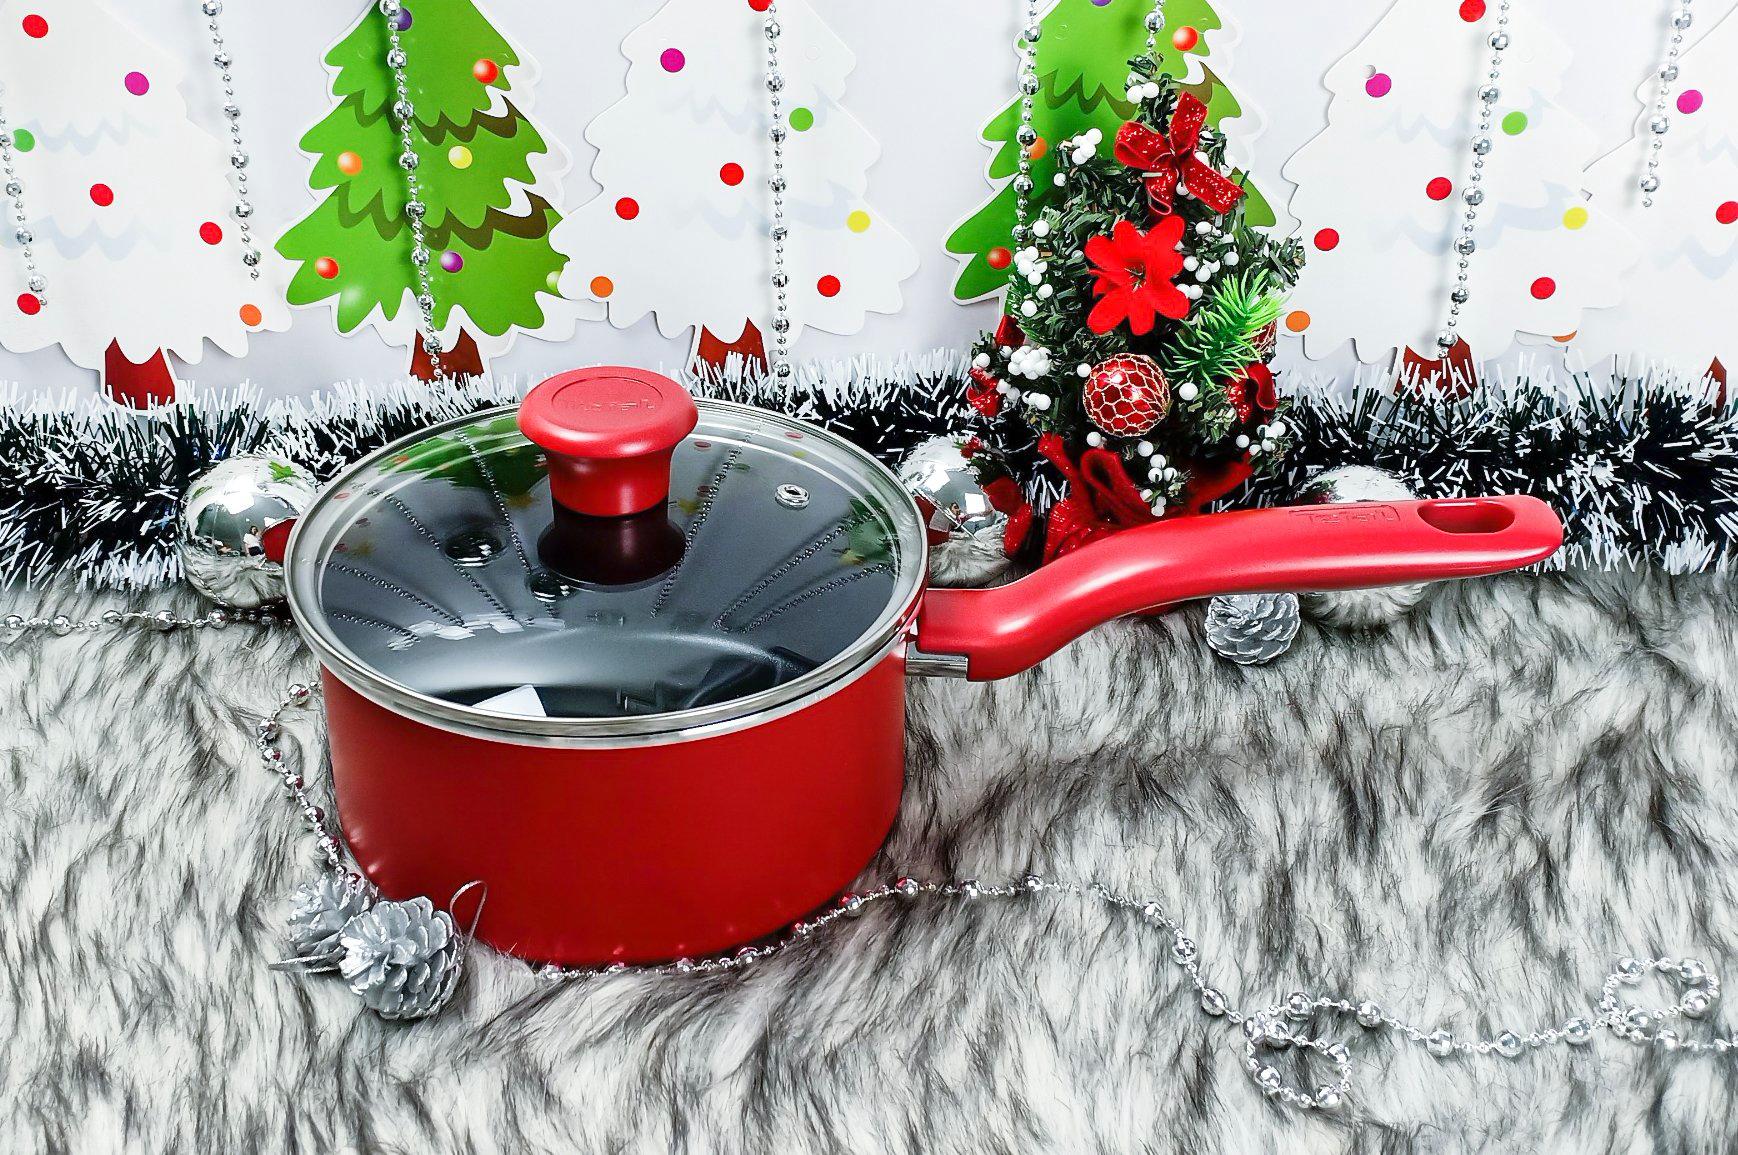 Yêu bếp nghiện nhà đừng bỏ qua 6 sản phẩm sale xuất sắc tới 51% của Tefal  - Ảnh 5.